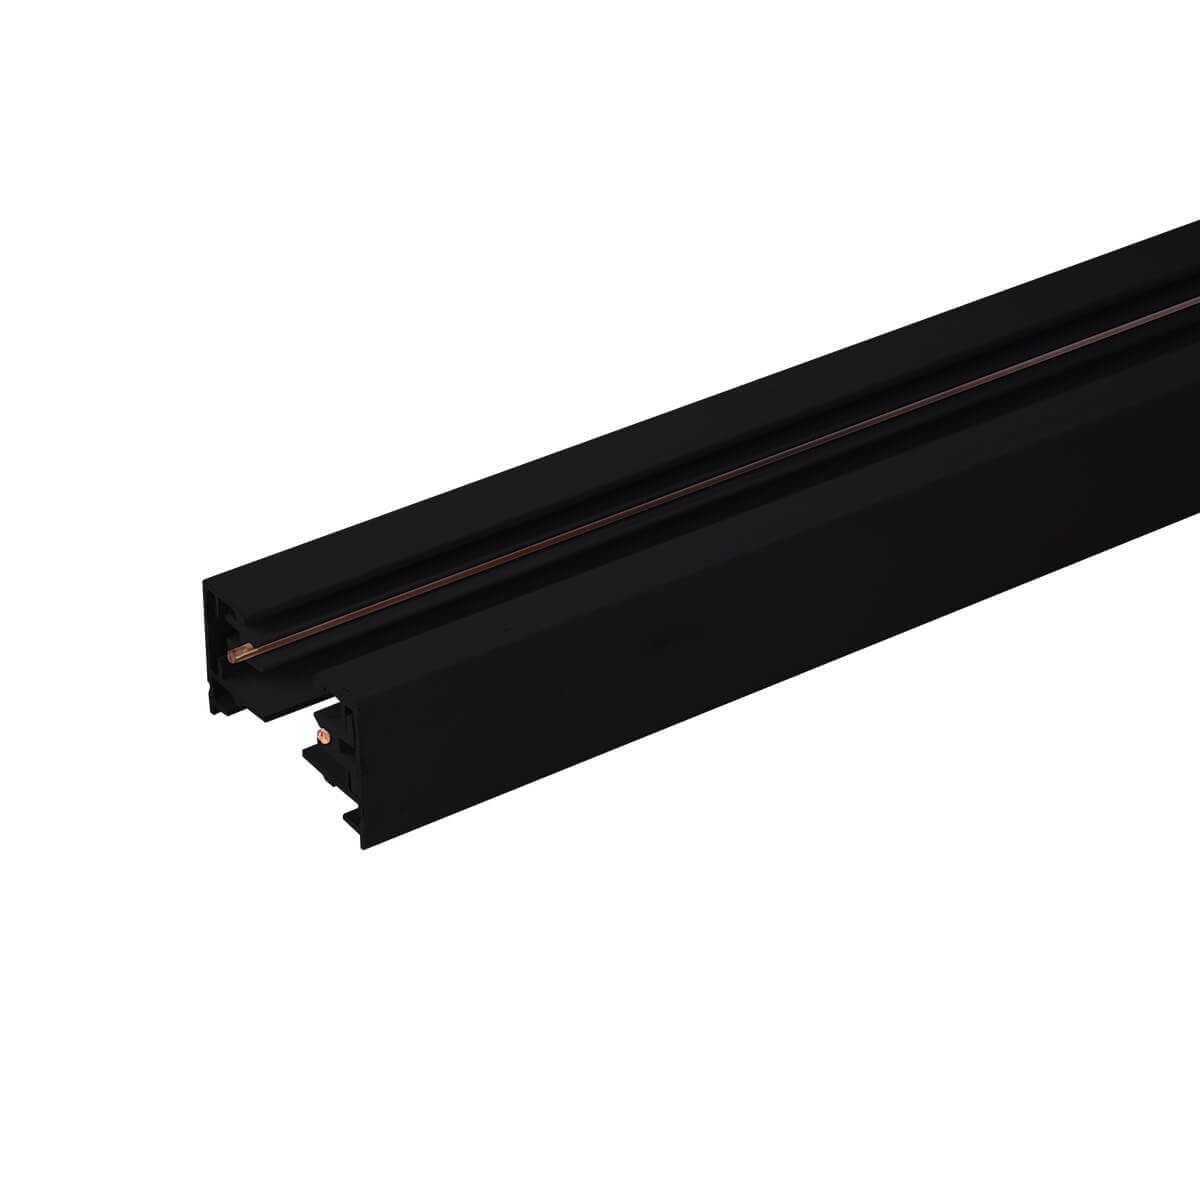 Шинопровод Elektrostandard 4690389112591 TRL-1-1 шинопровод elektrostandard 4690389134302 trl 1 1